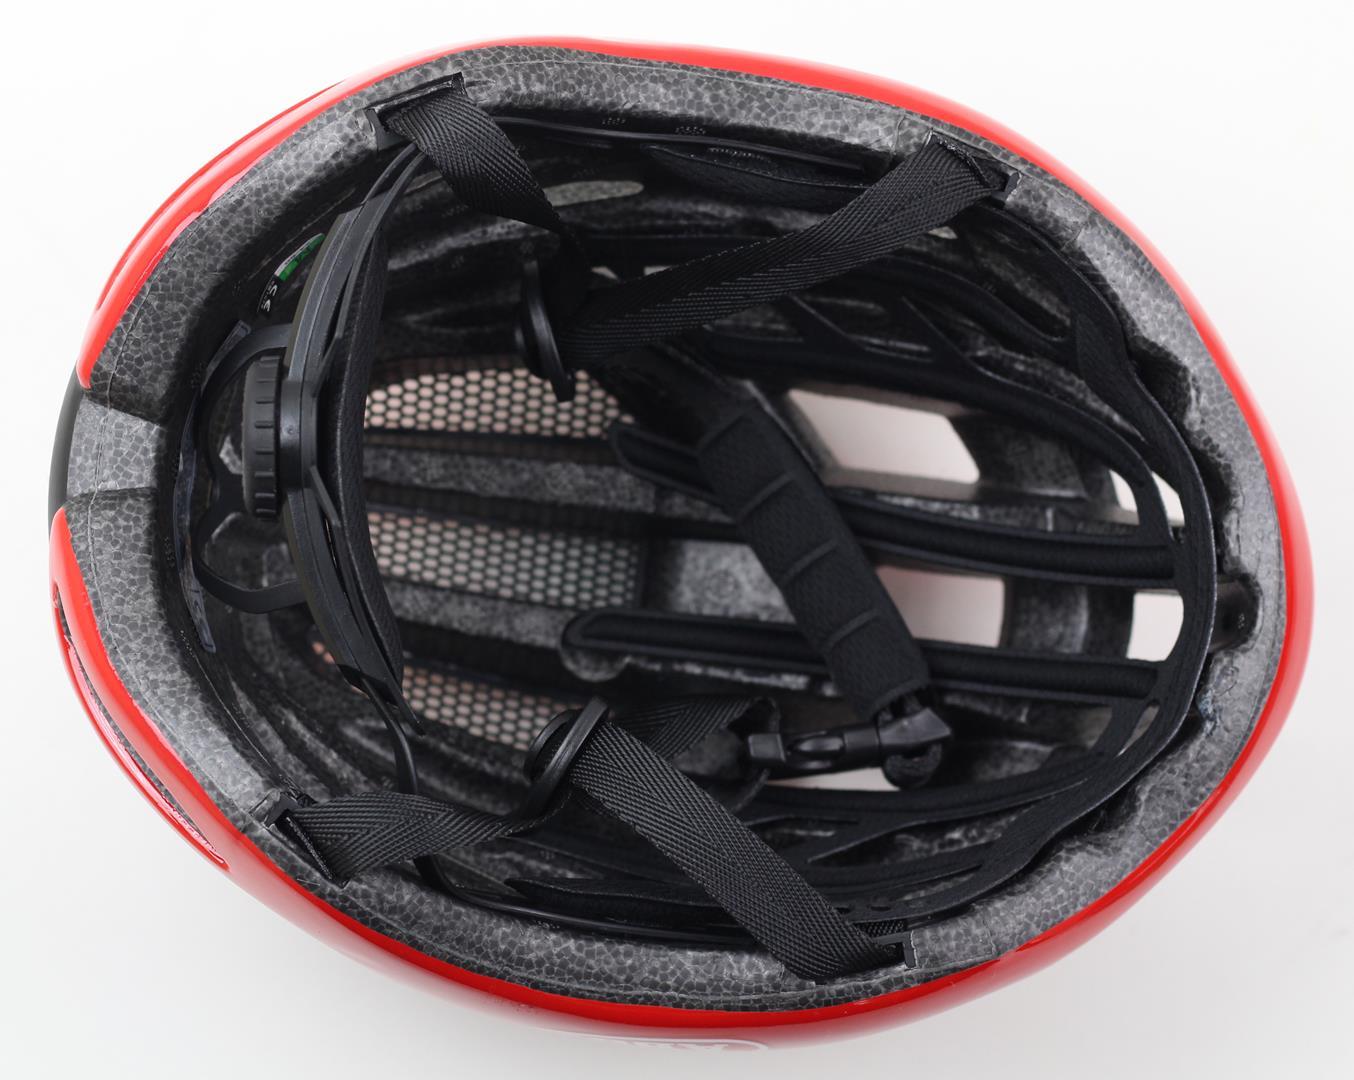 Capacete Bicicleta Mtb ou Speed Vermelho ABUS Tamanho M 54-60